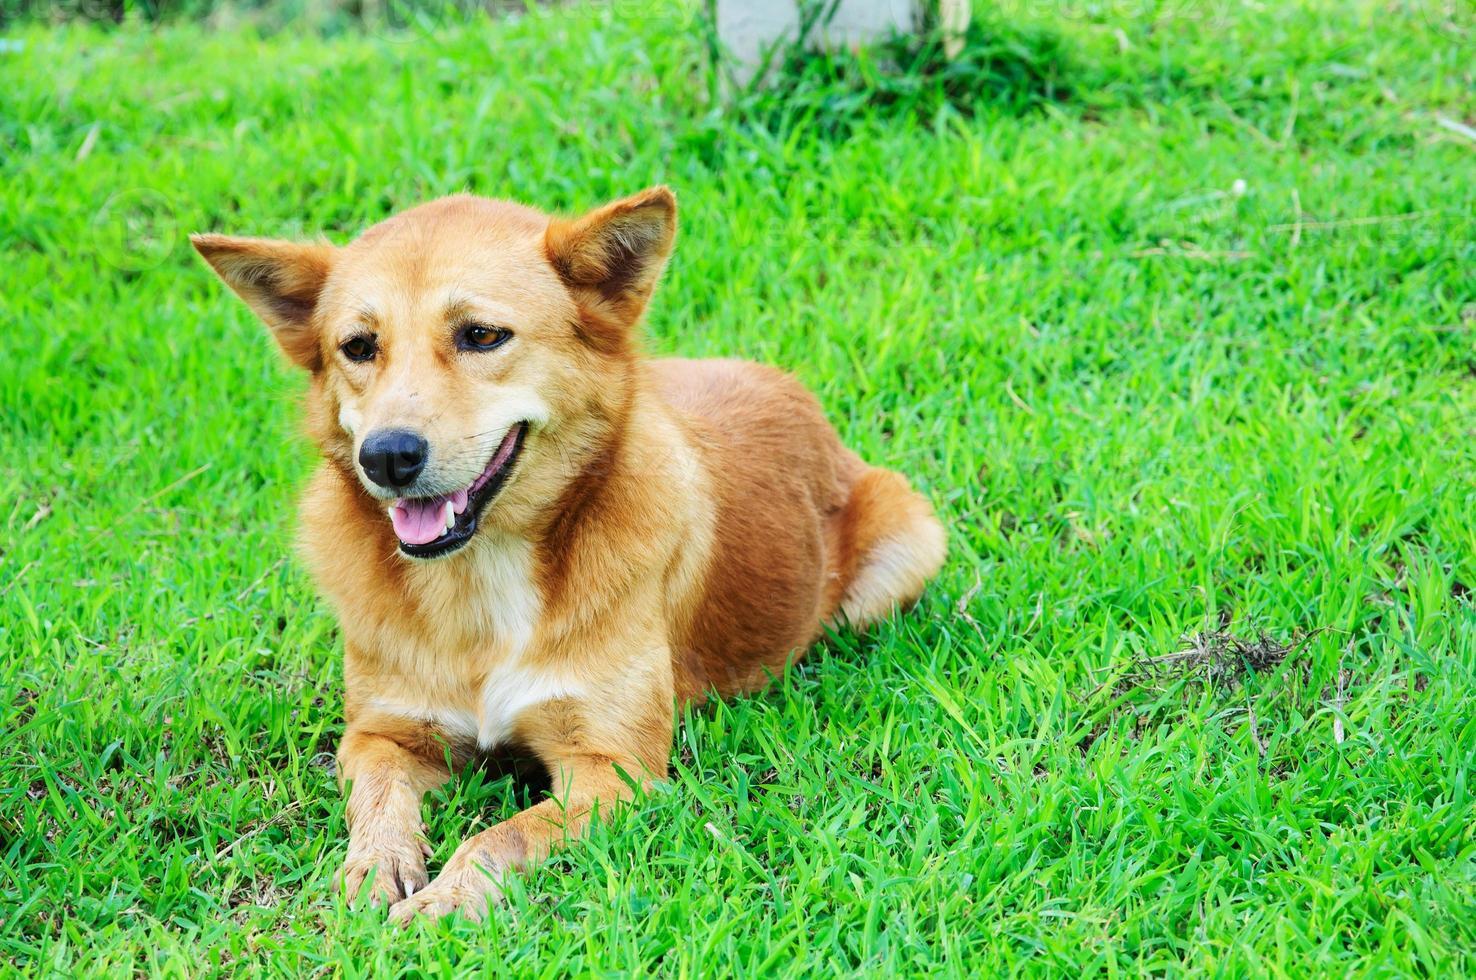 il cane godendo sull'erba in natura (attenzione selettiva) foto